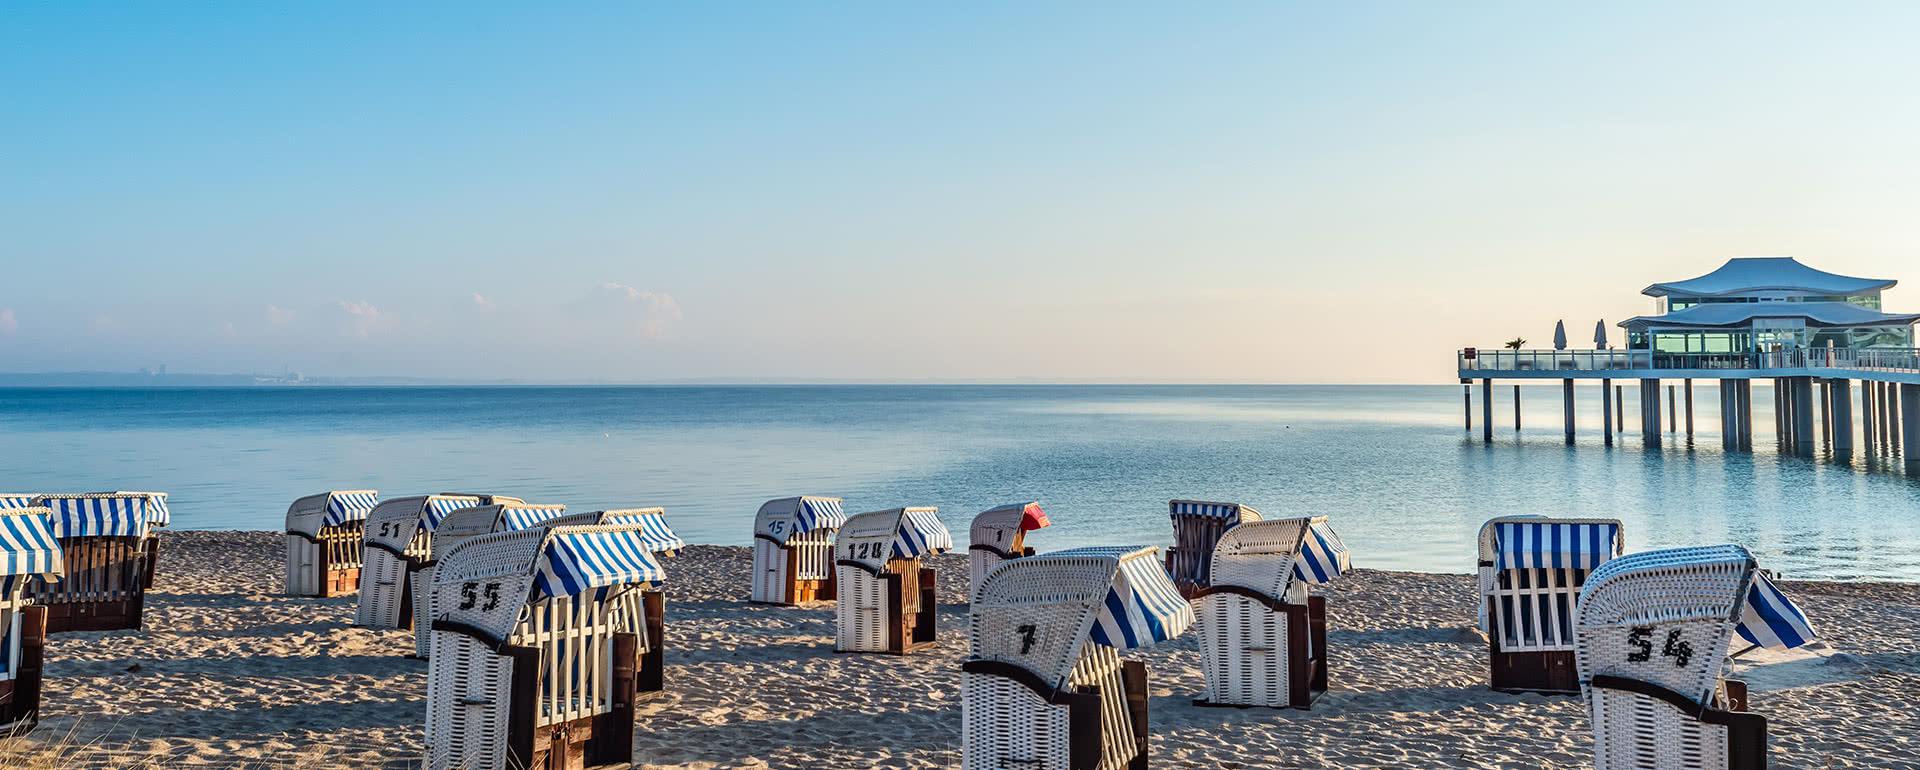 Titelbild von Timmendorfer Strand